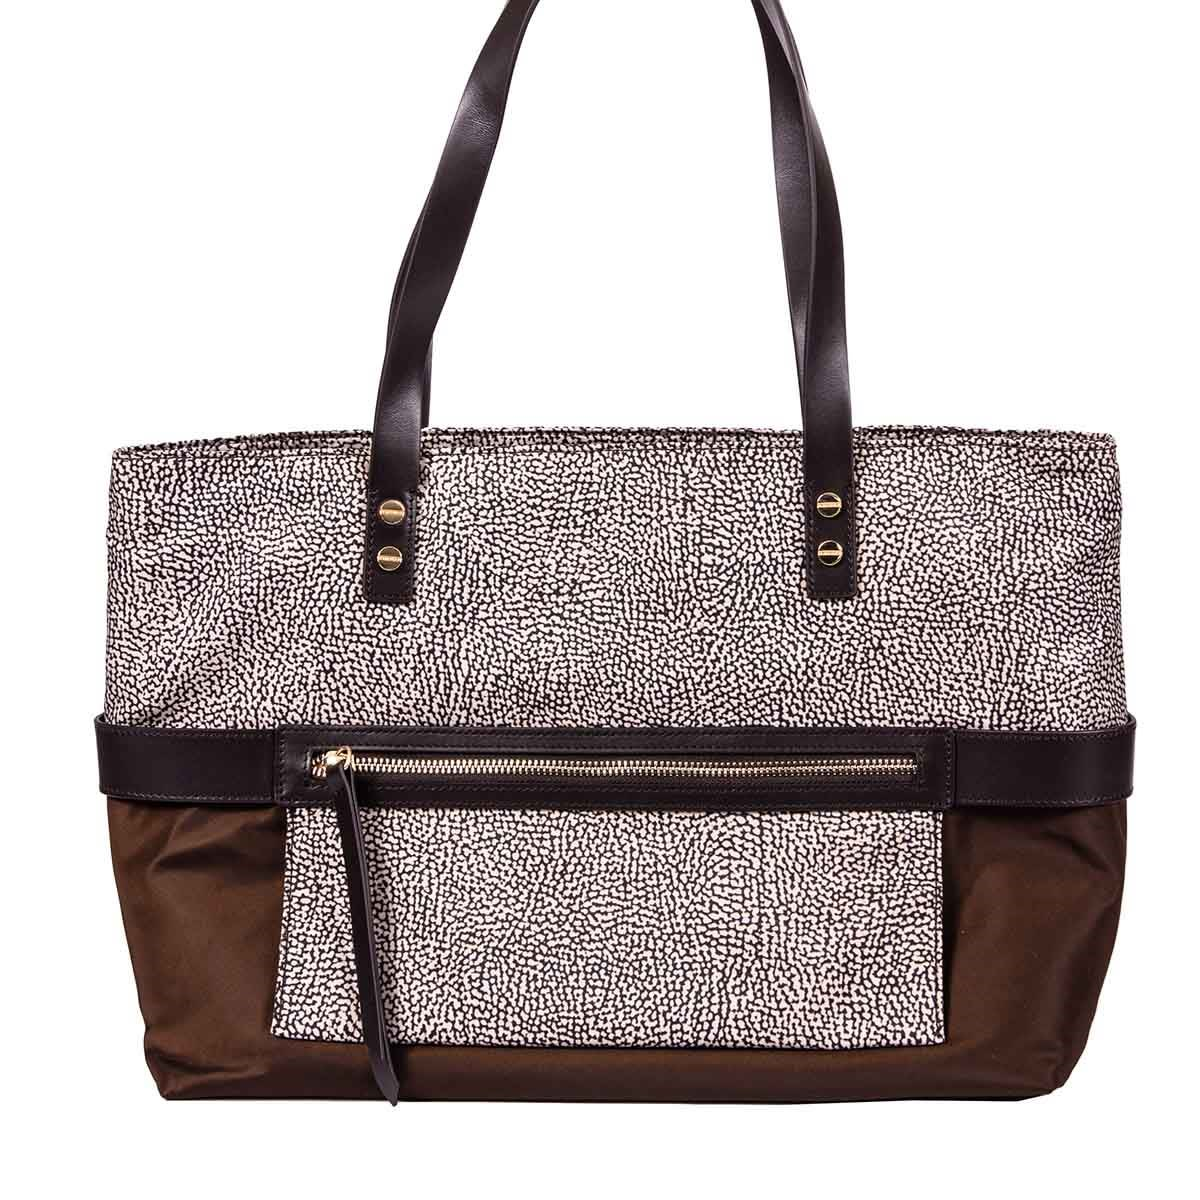 Borbonese Medium Horizontal Tote Bag